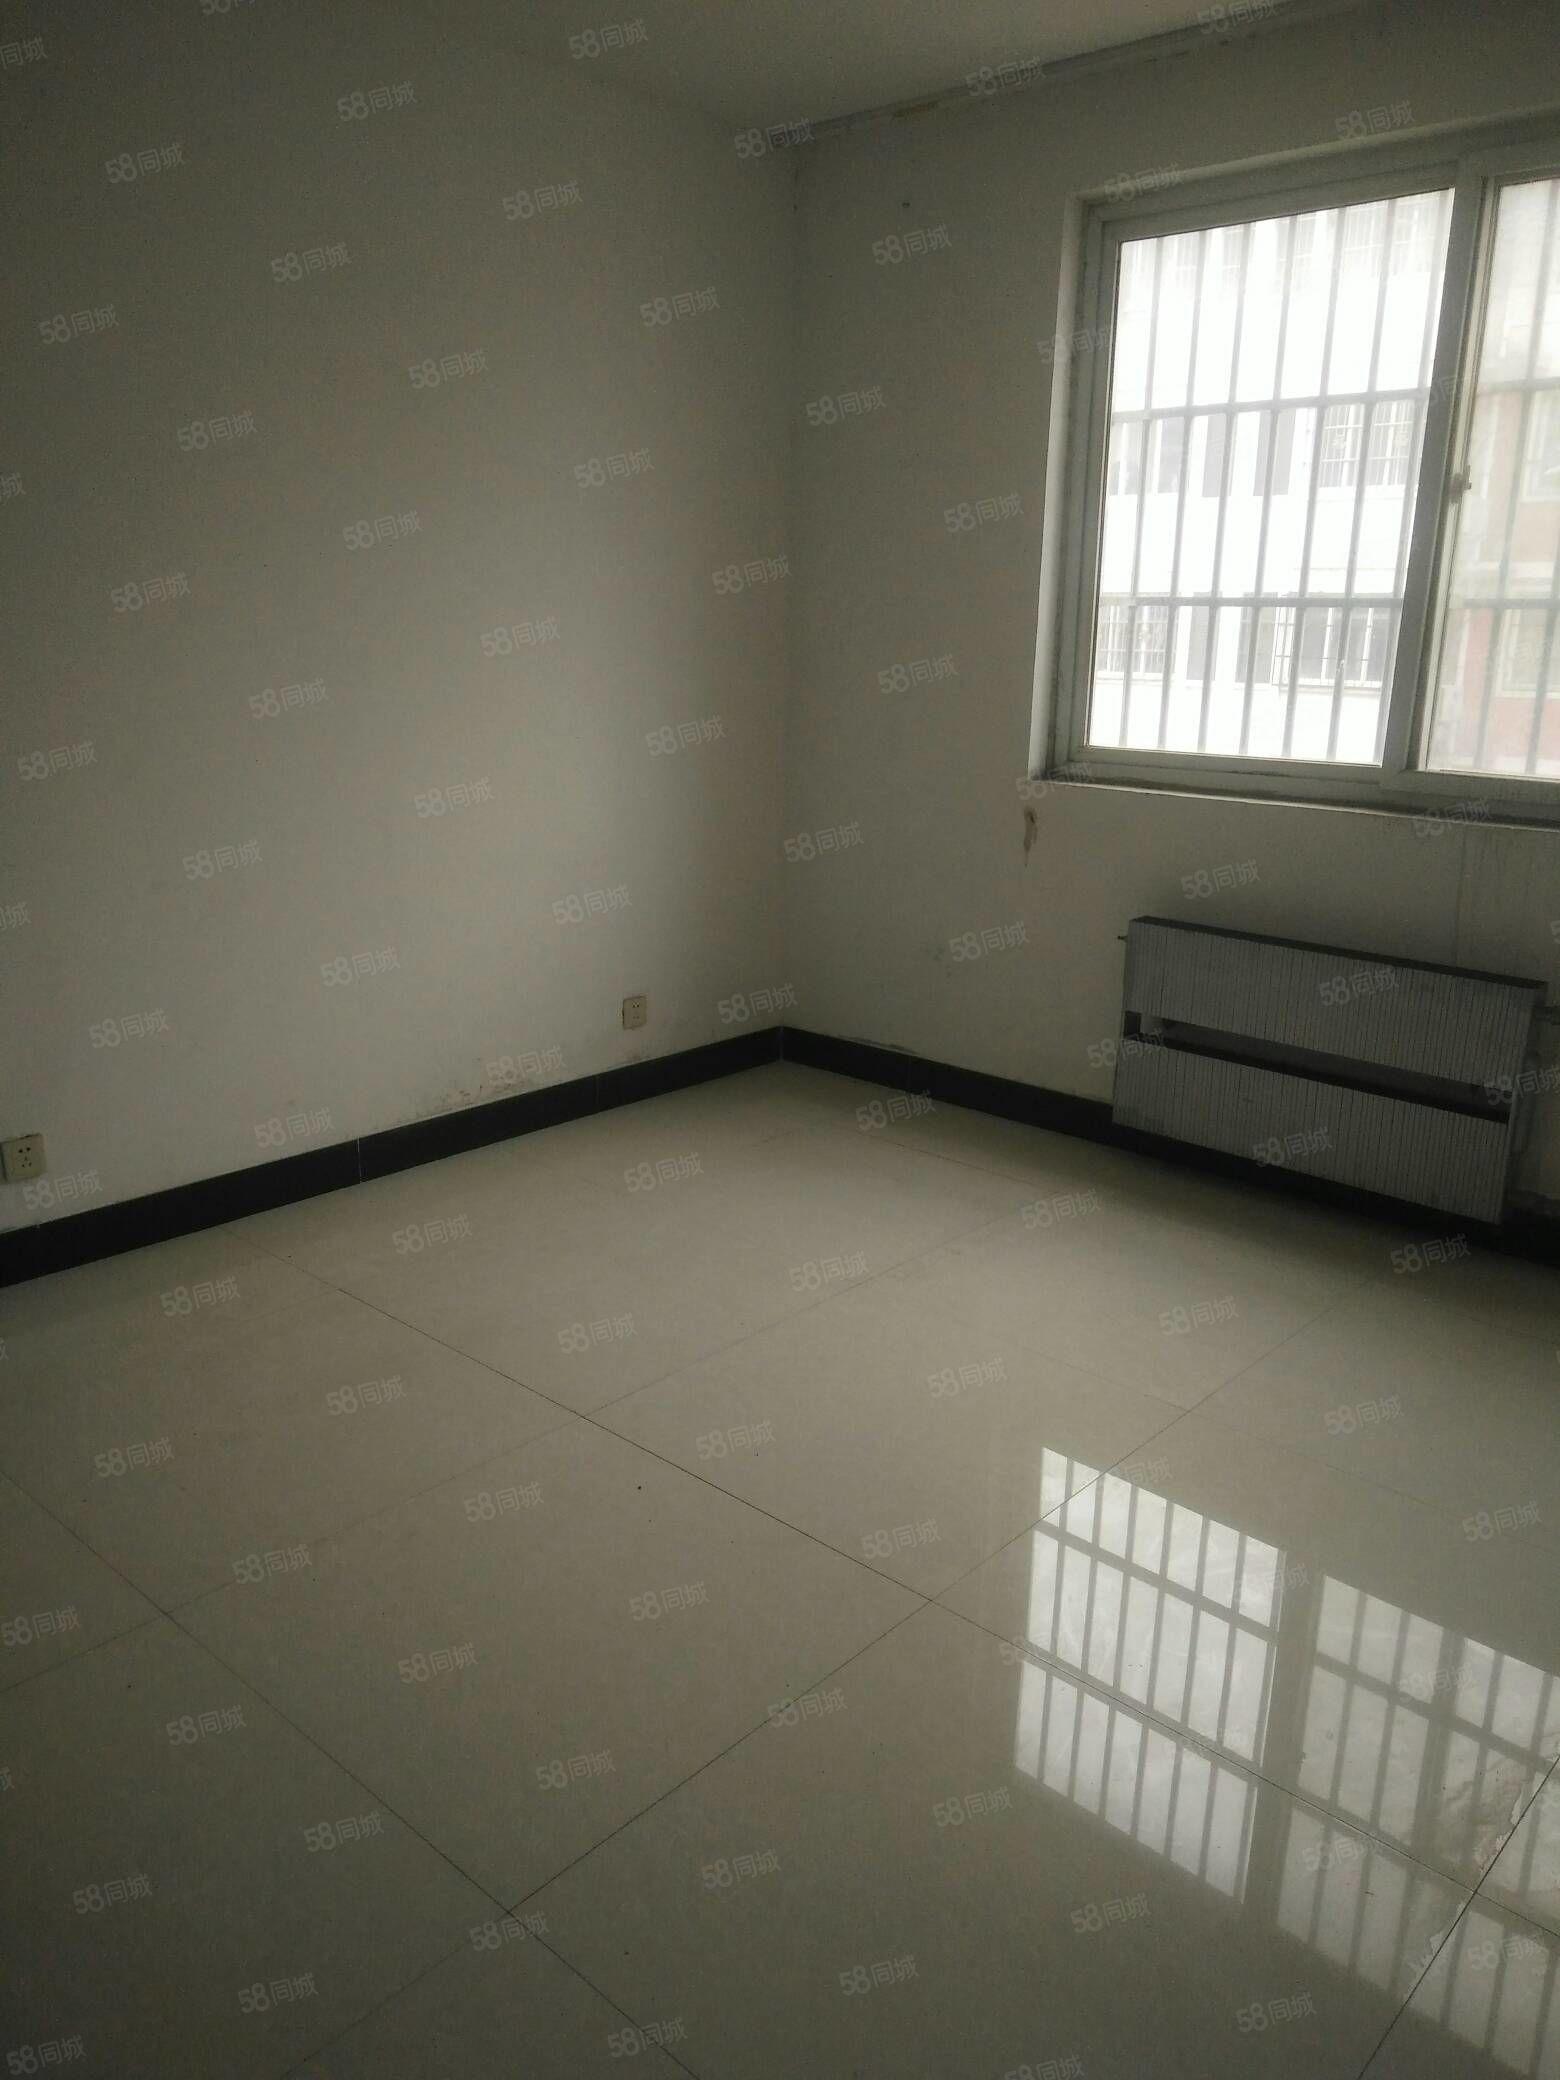 西太平一年起租,短期的勿扰!!2室简单装修。,拎包入住!